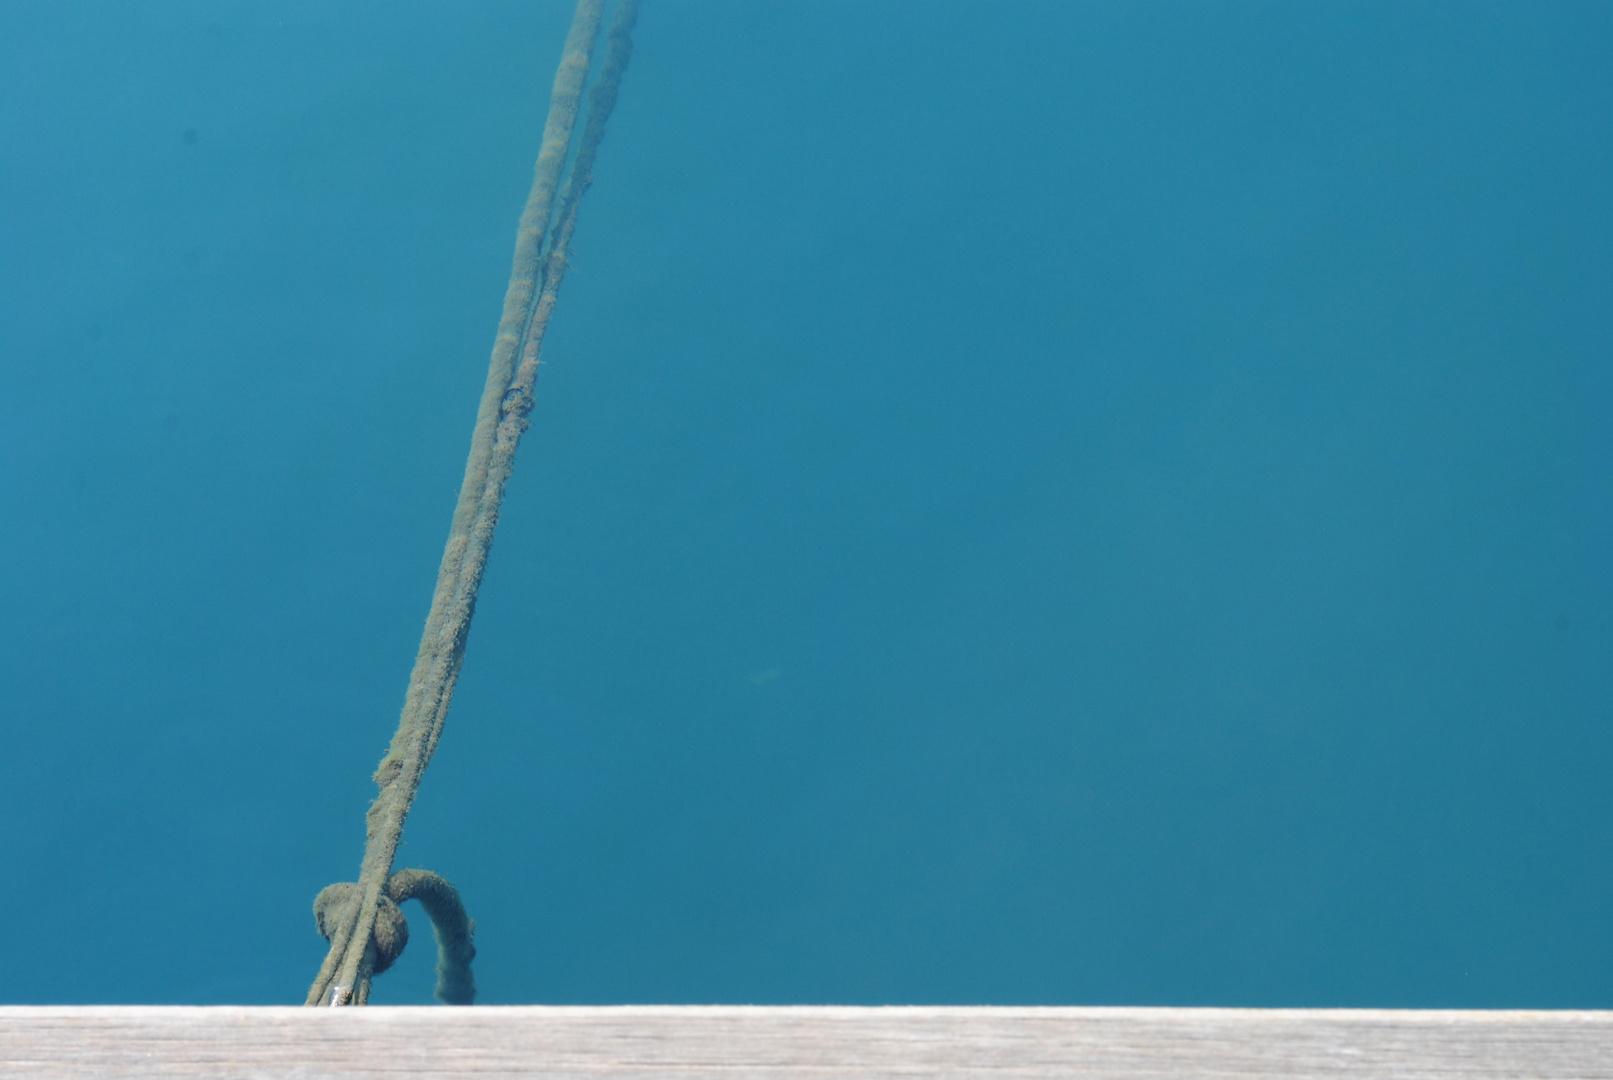 Deep azure